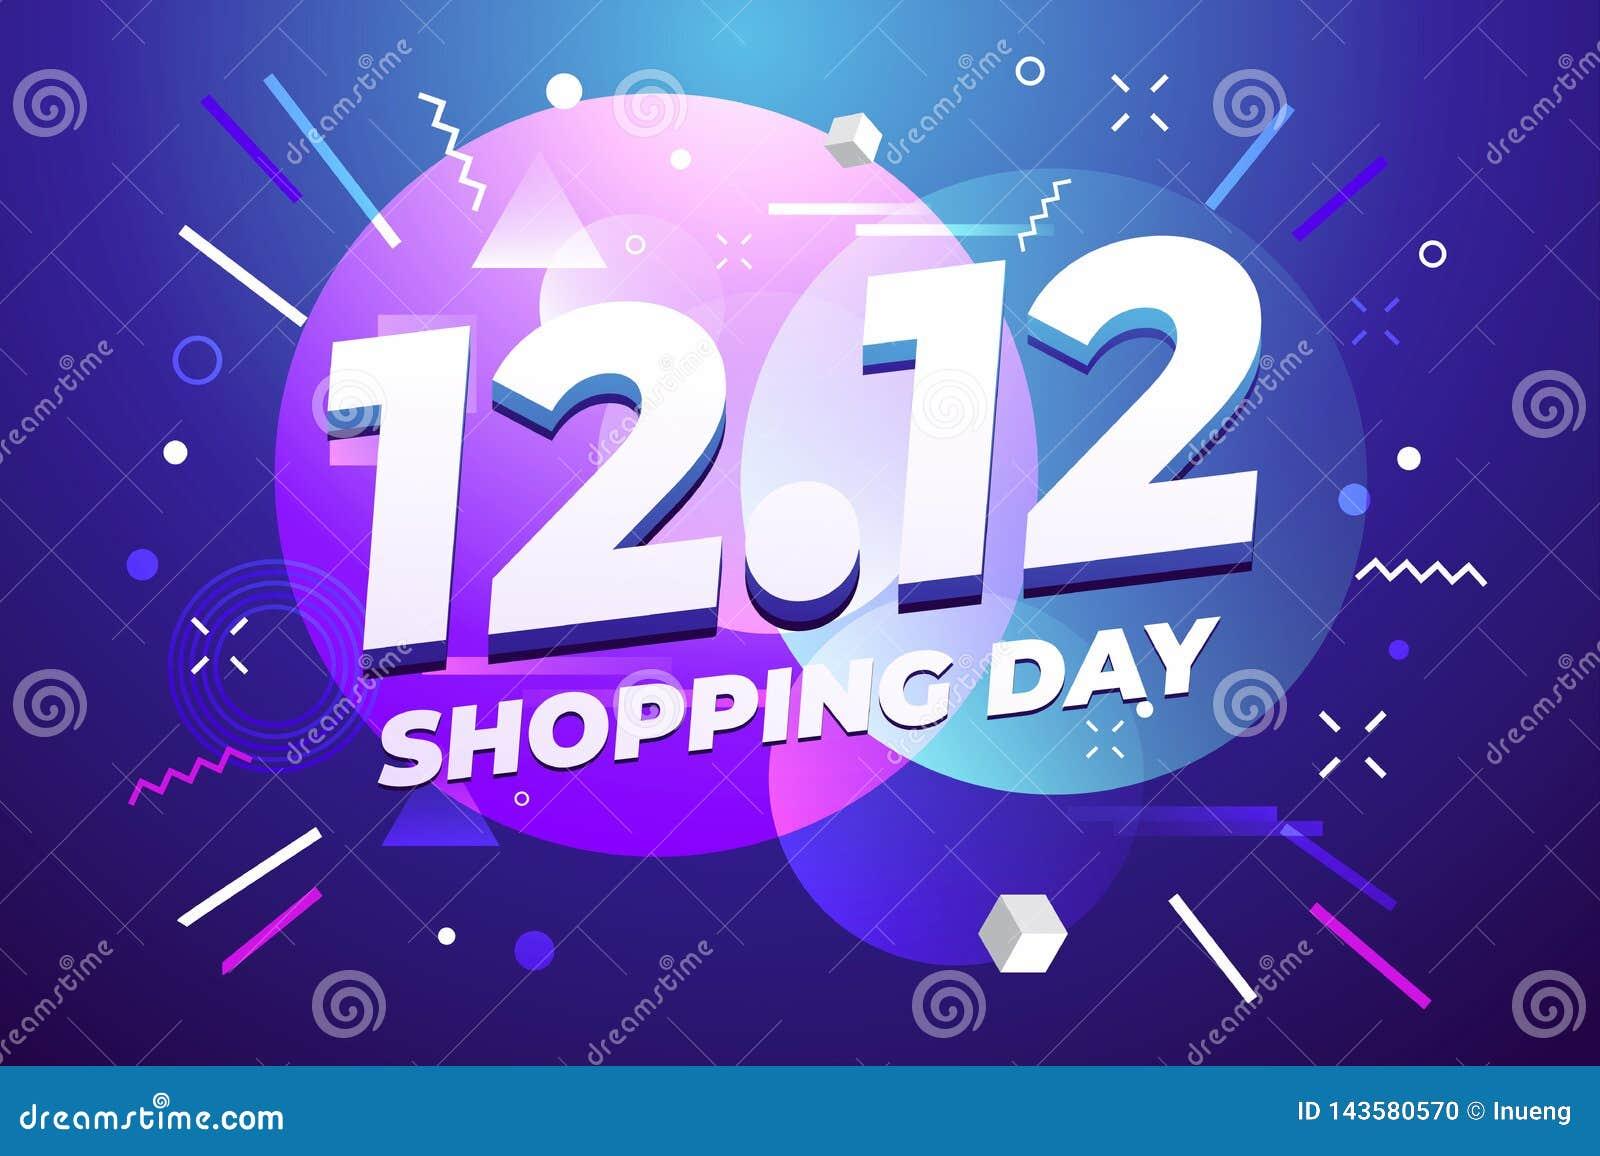 12 12 σχέδιο αφισών ή ιπτάμενων πώλησης ημέρας αγορών Σφαιρική πώληση παγκόσμιας ημέρας αγορών στο ζωηρόχρωμο υπόβαθρο 12 12 τρελ